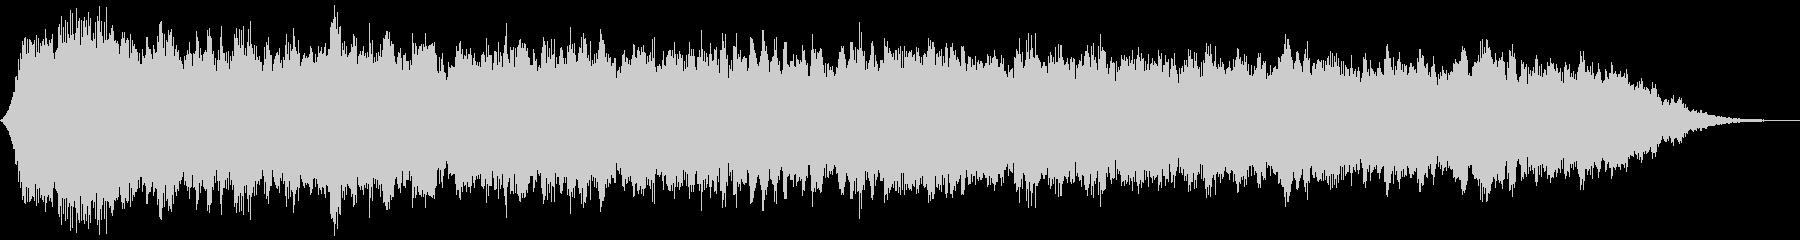 【ダークアンビエント】退廃的なBGMの未再生の波形